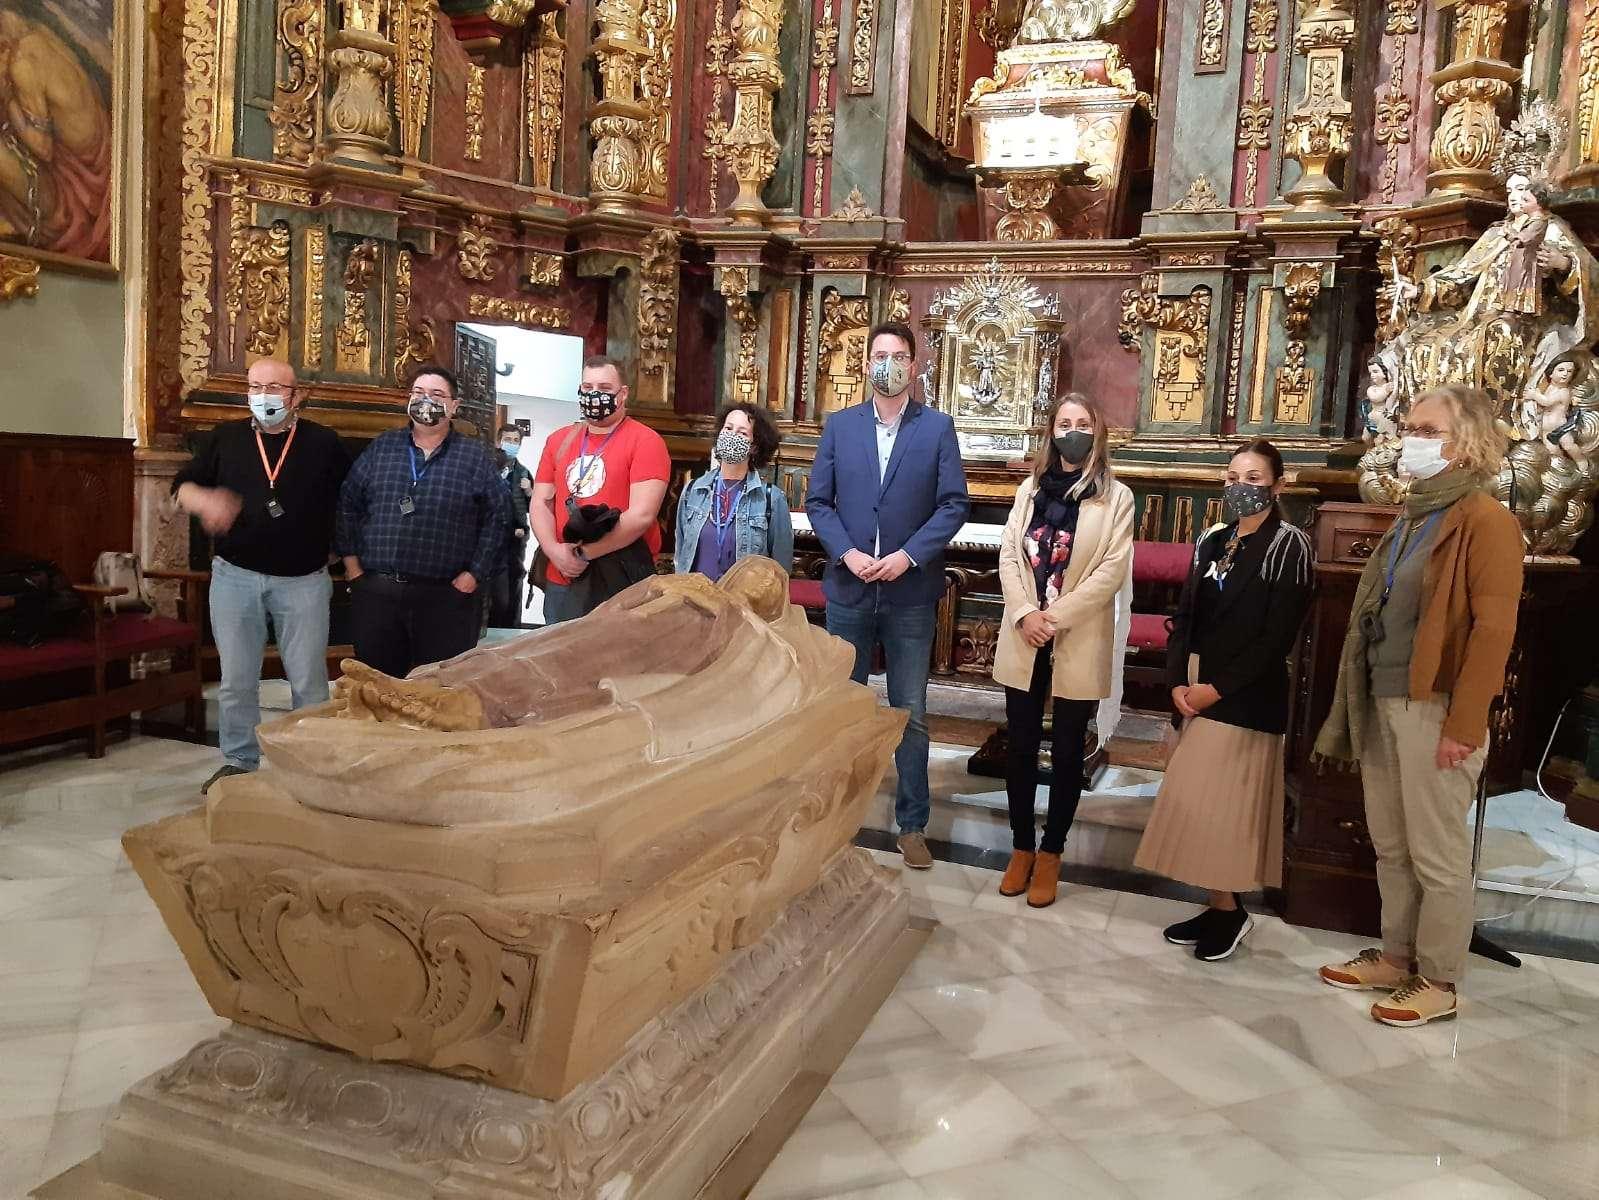 El diputado de Promoción y Turismo, Francisco Javier Lozano, ha recibido junto a la concejala de Cultura de Úbeda, Elena Rodríguez, a los profesionales turísticos.